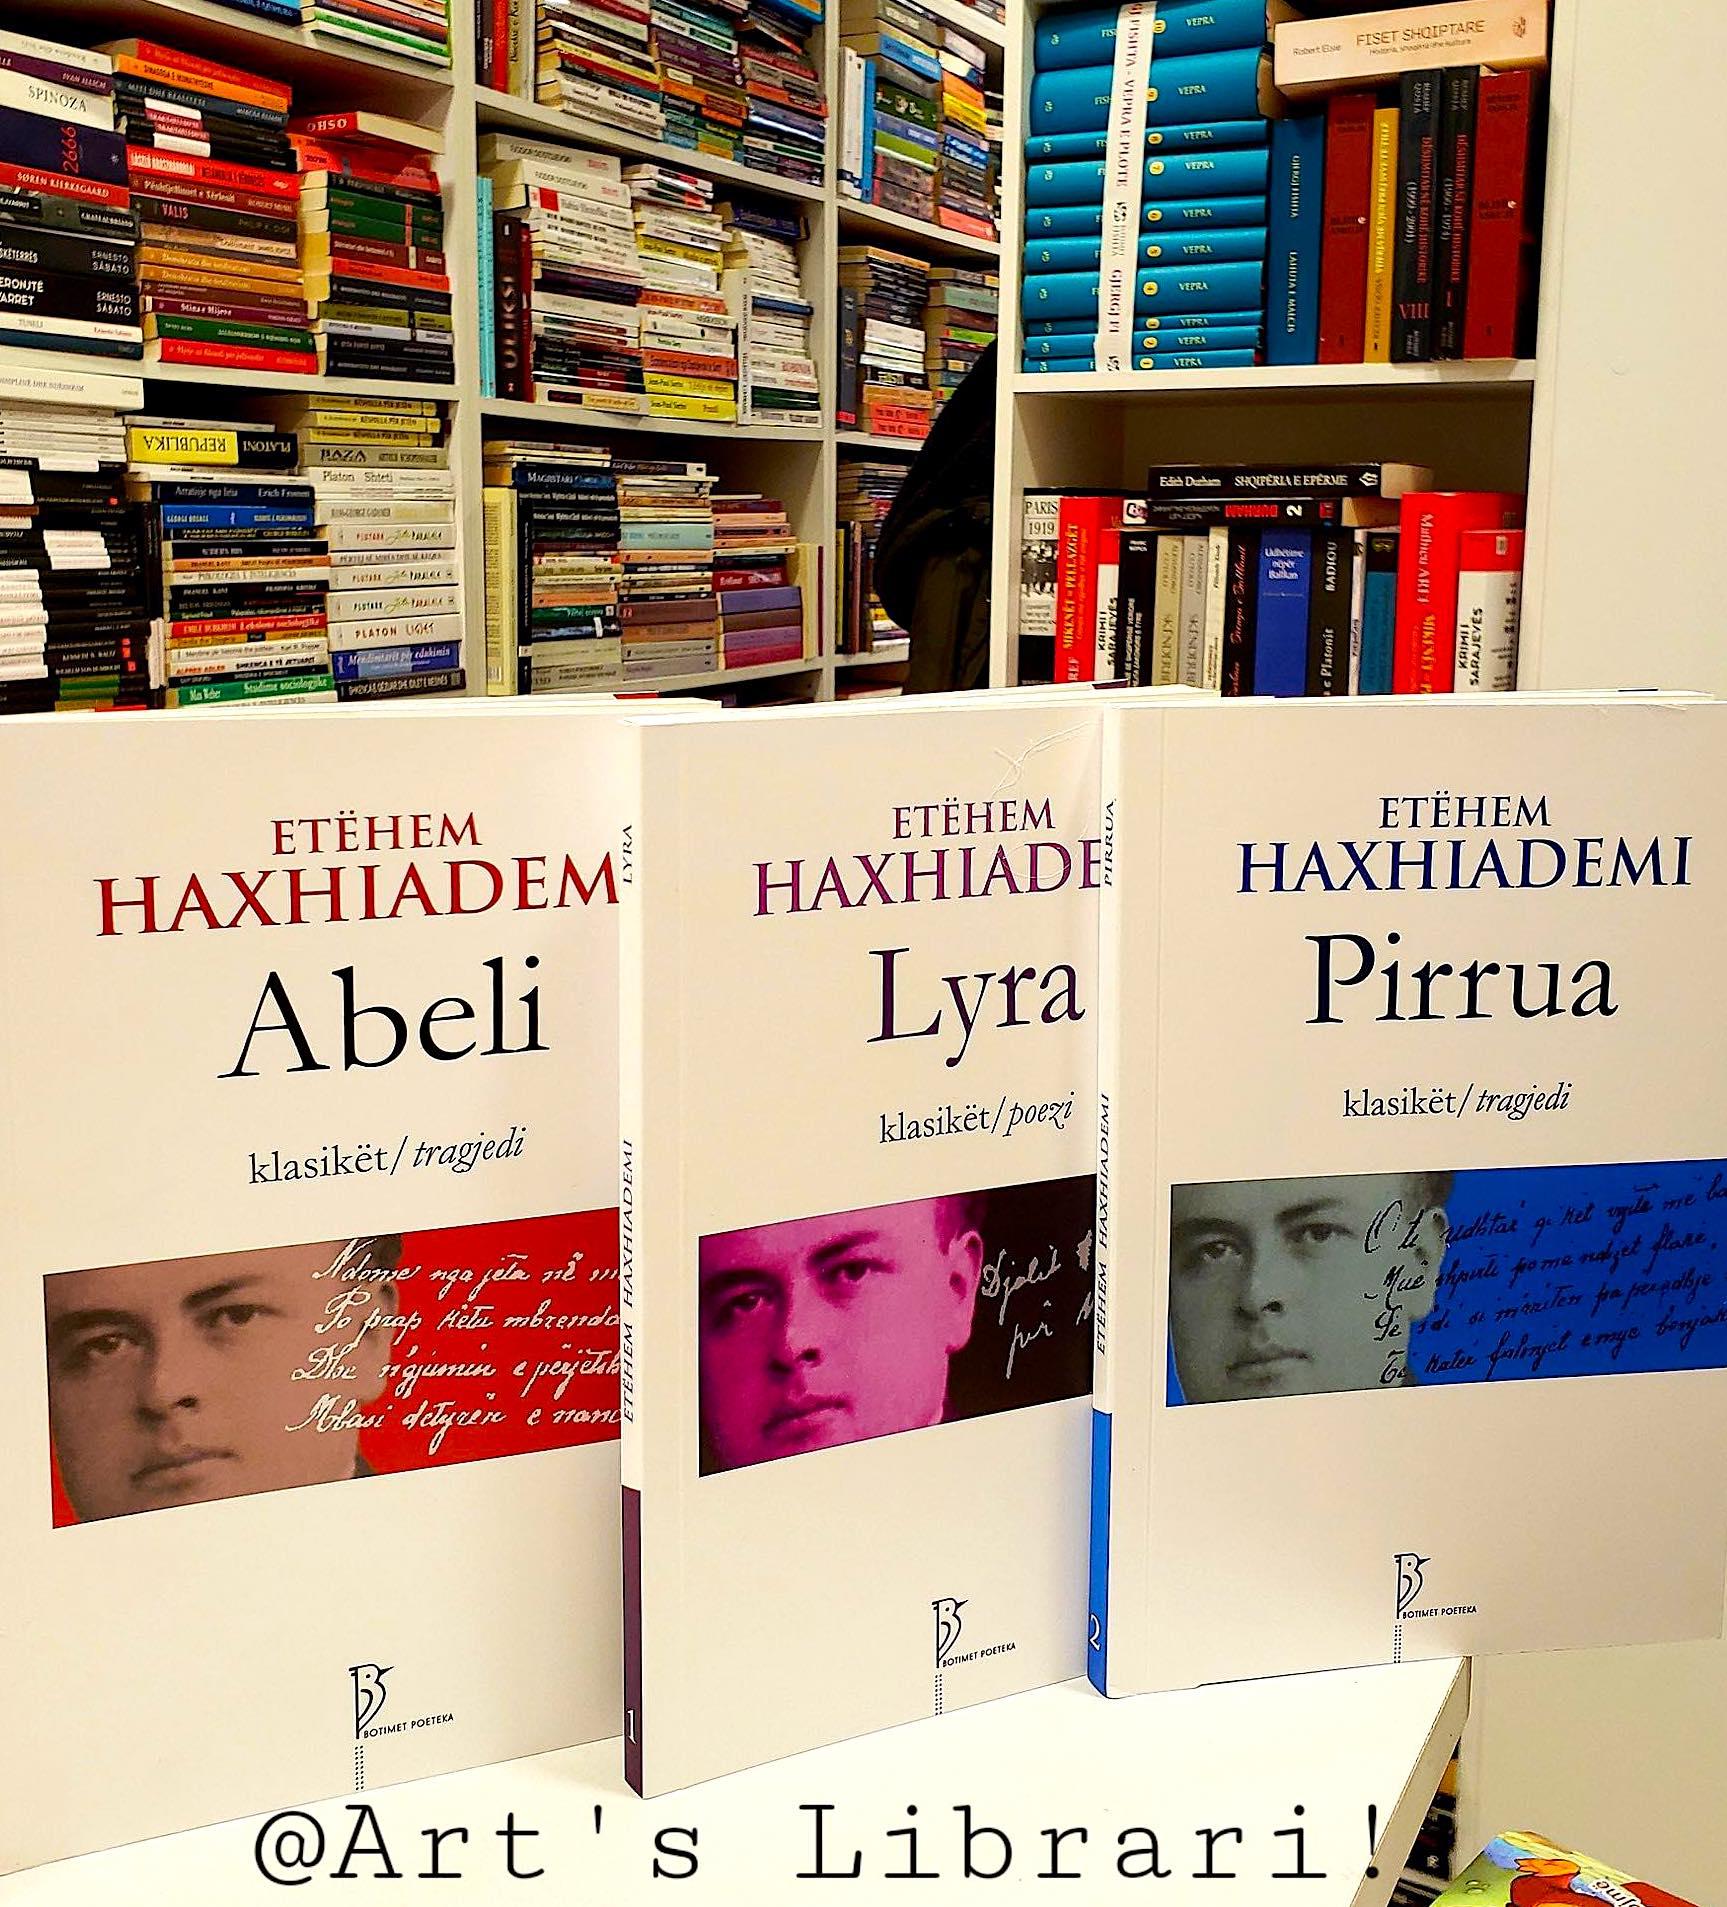 Vepra e Haxhiademit - në libraritë e kryeqytetit